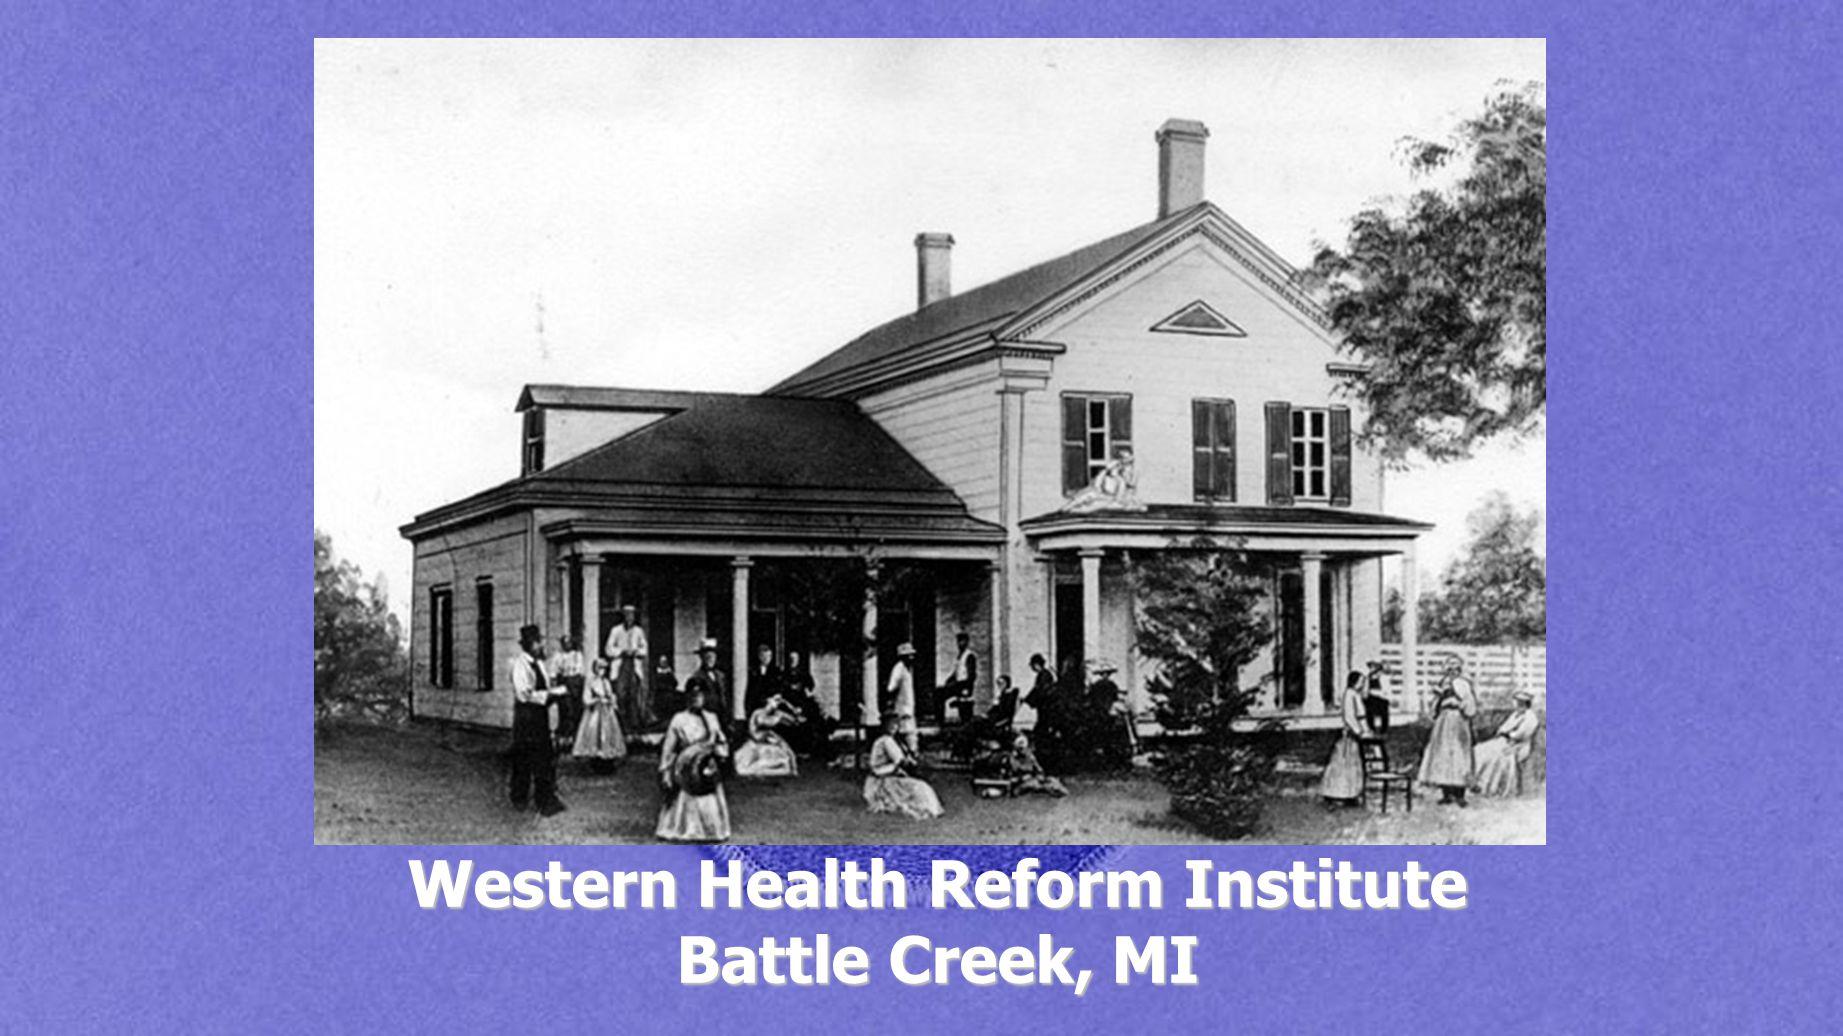 Western Health Reform Institute Battle Creek, MI